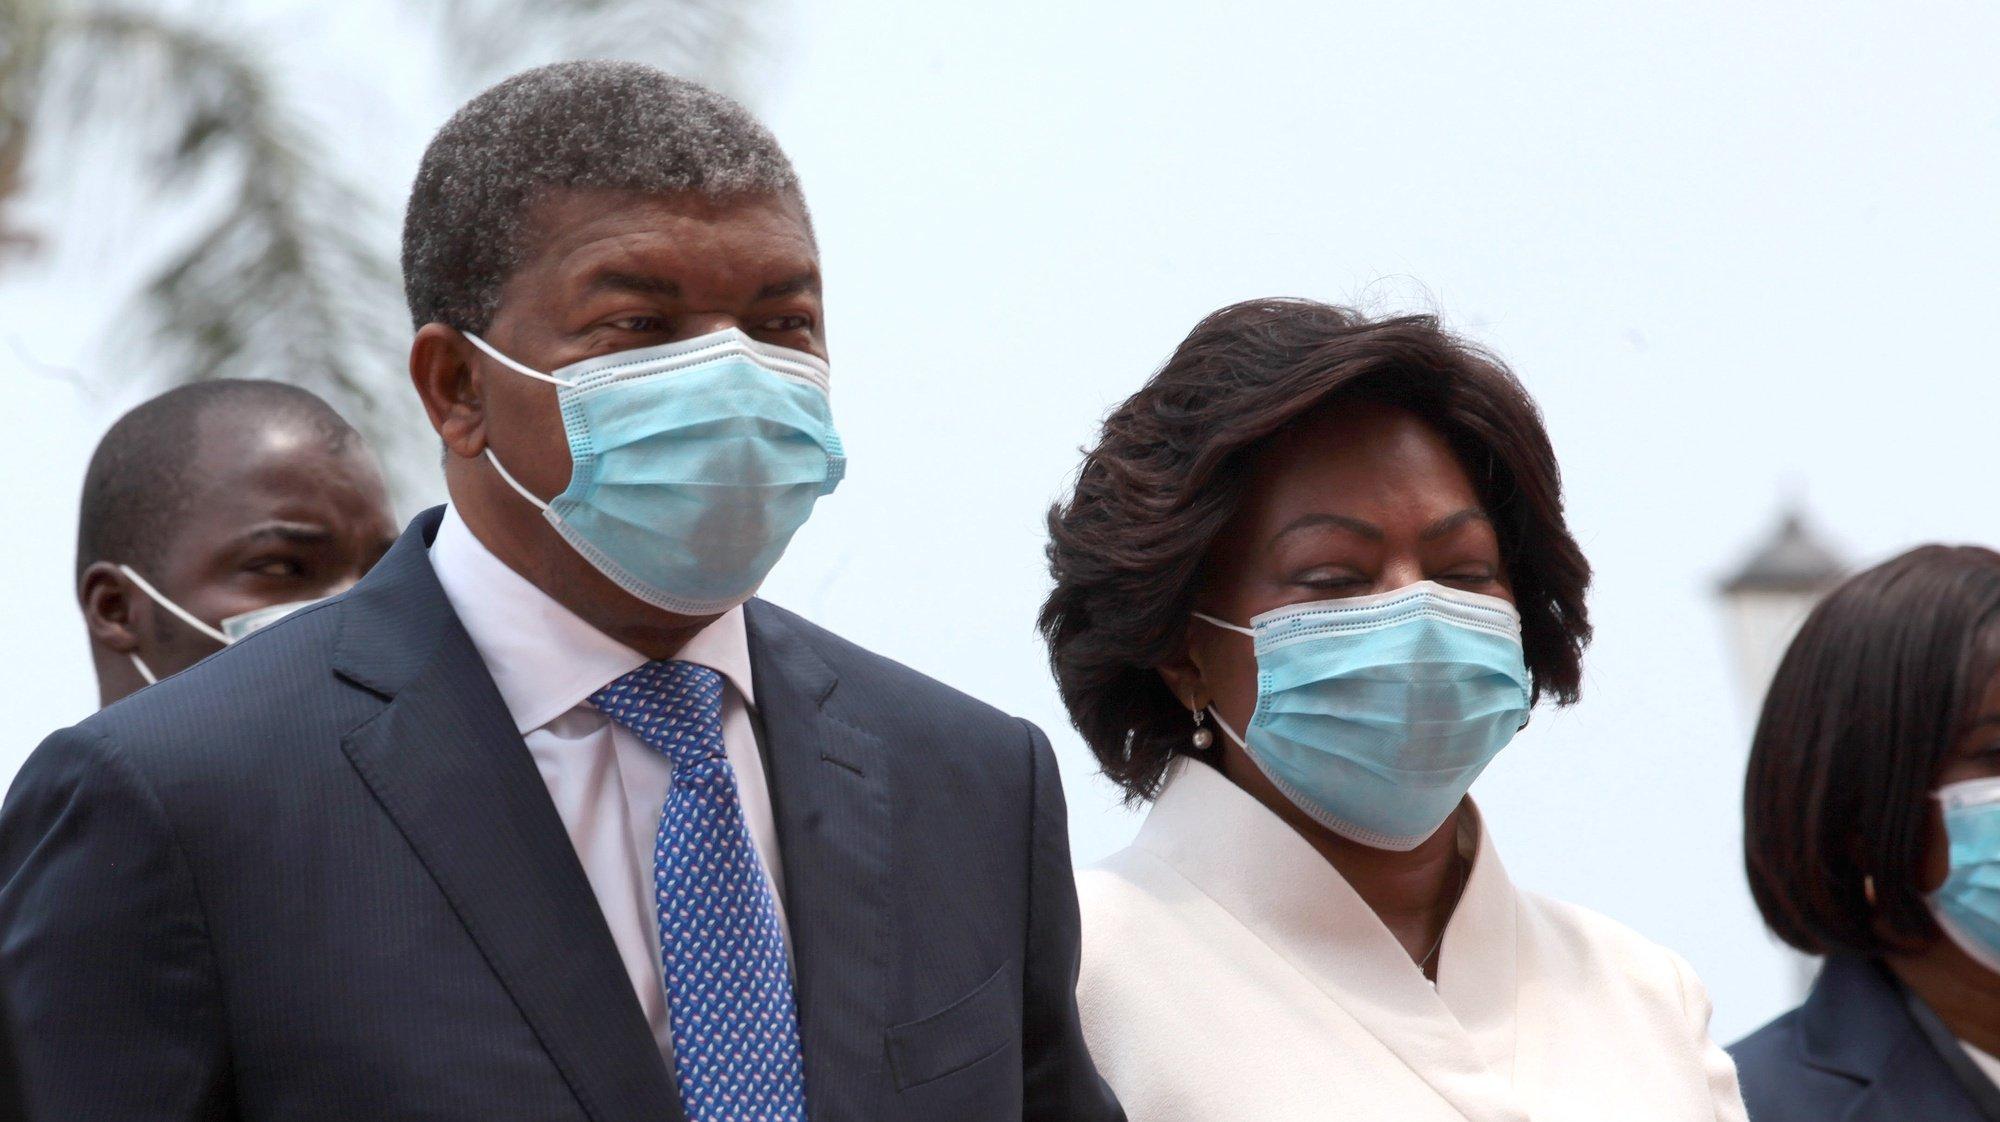 O Presidente de Angola, João Lourenço, acompanhado pela sua mulher, Ana Dias Lourenço, à chegada à Assembleia Nacional, para discursar sobre o Estado da Nação que marca a abertura do ano parlamentar em Angola, em Luanda, 15 de outubro de 2020. AMPE ROGÉRIO/LUSA